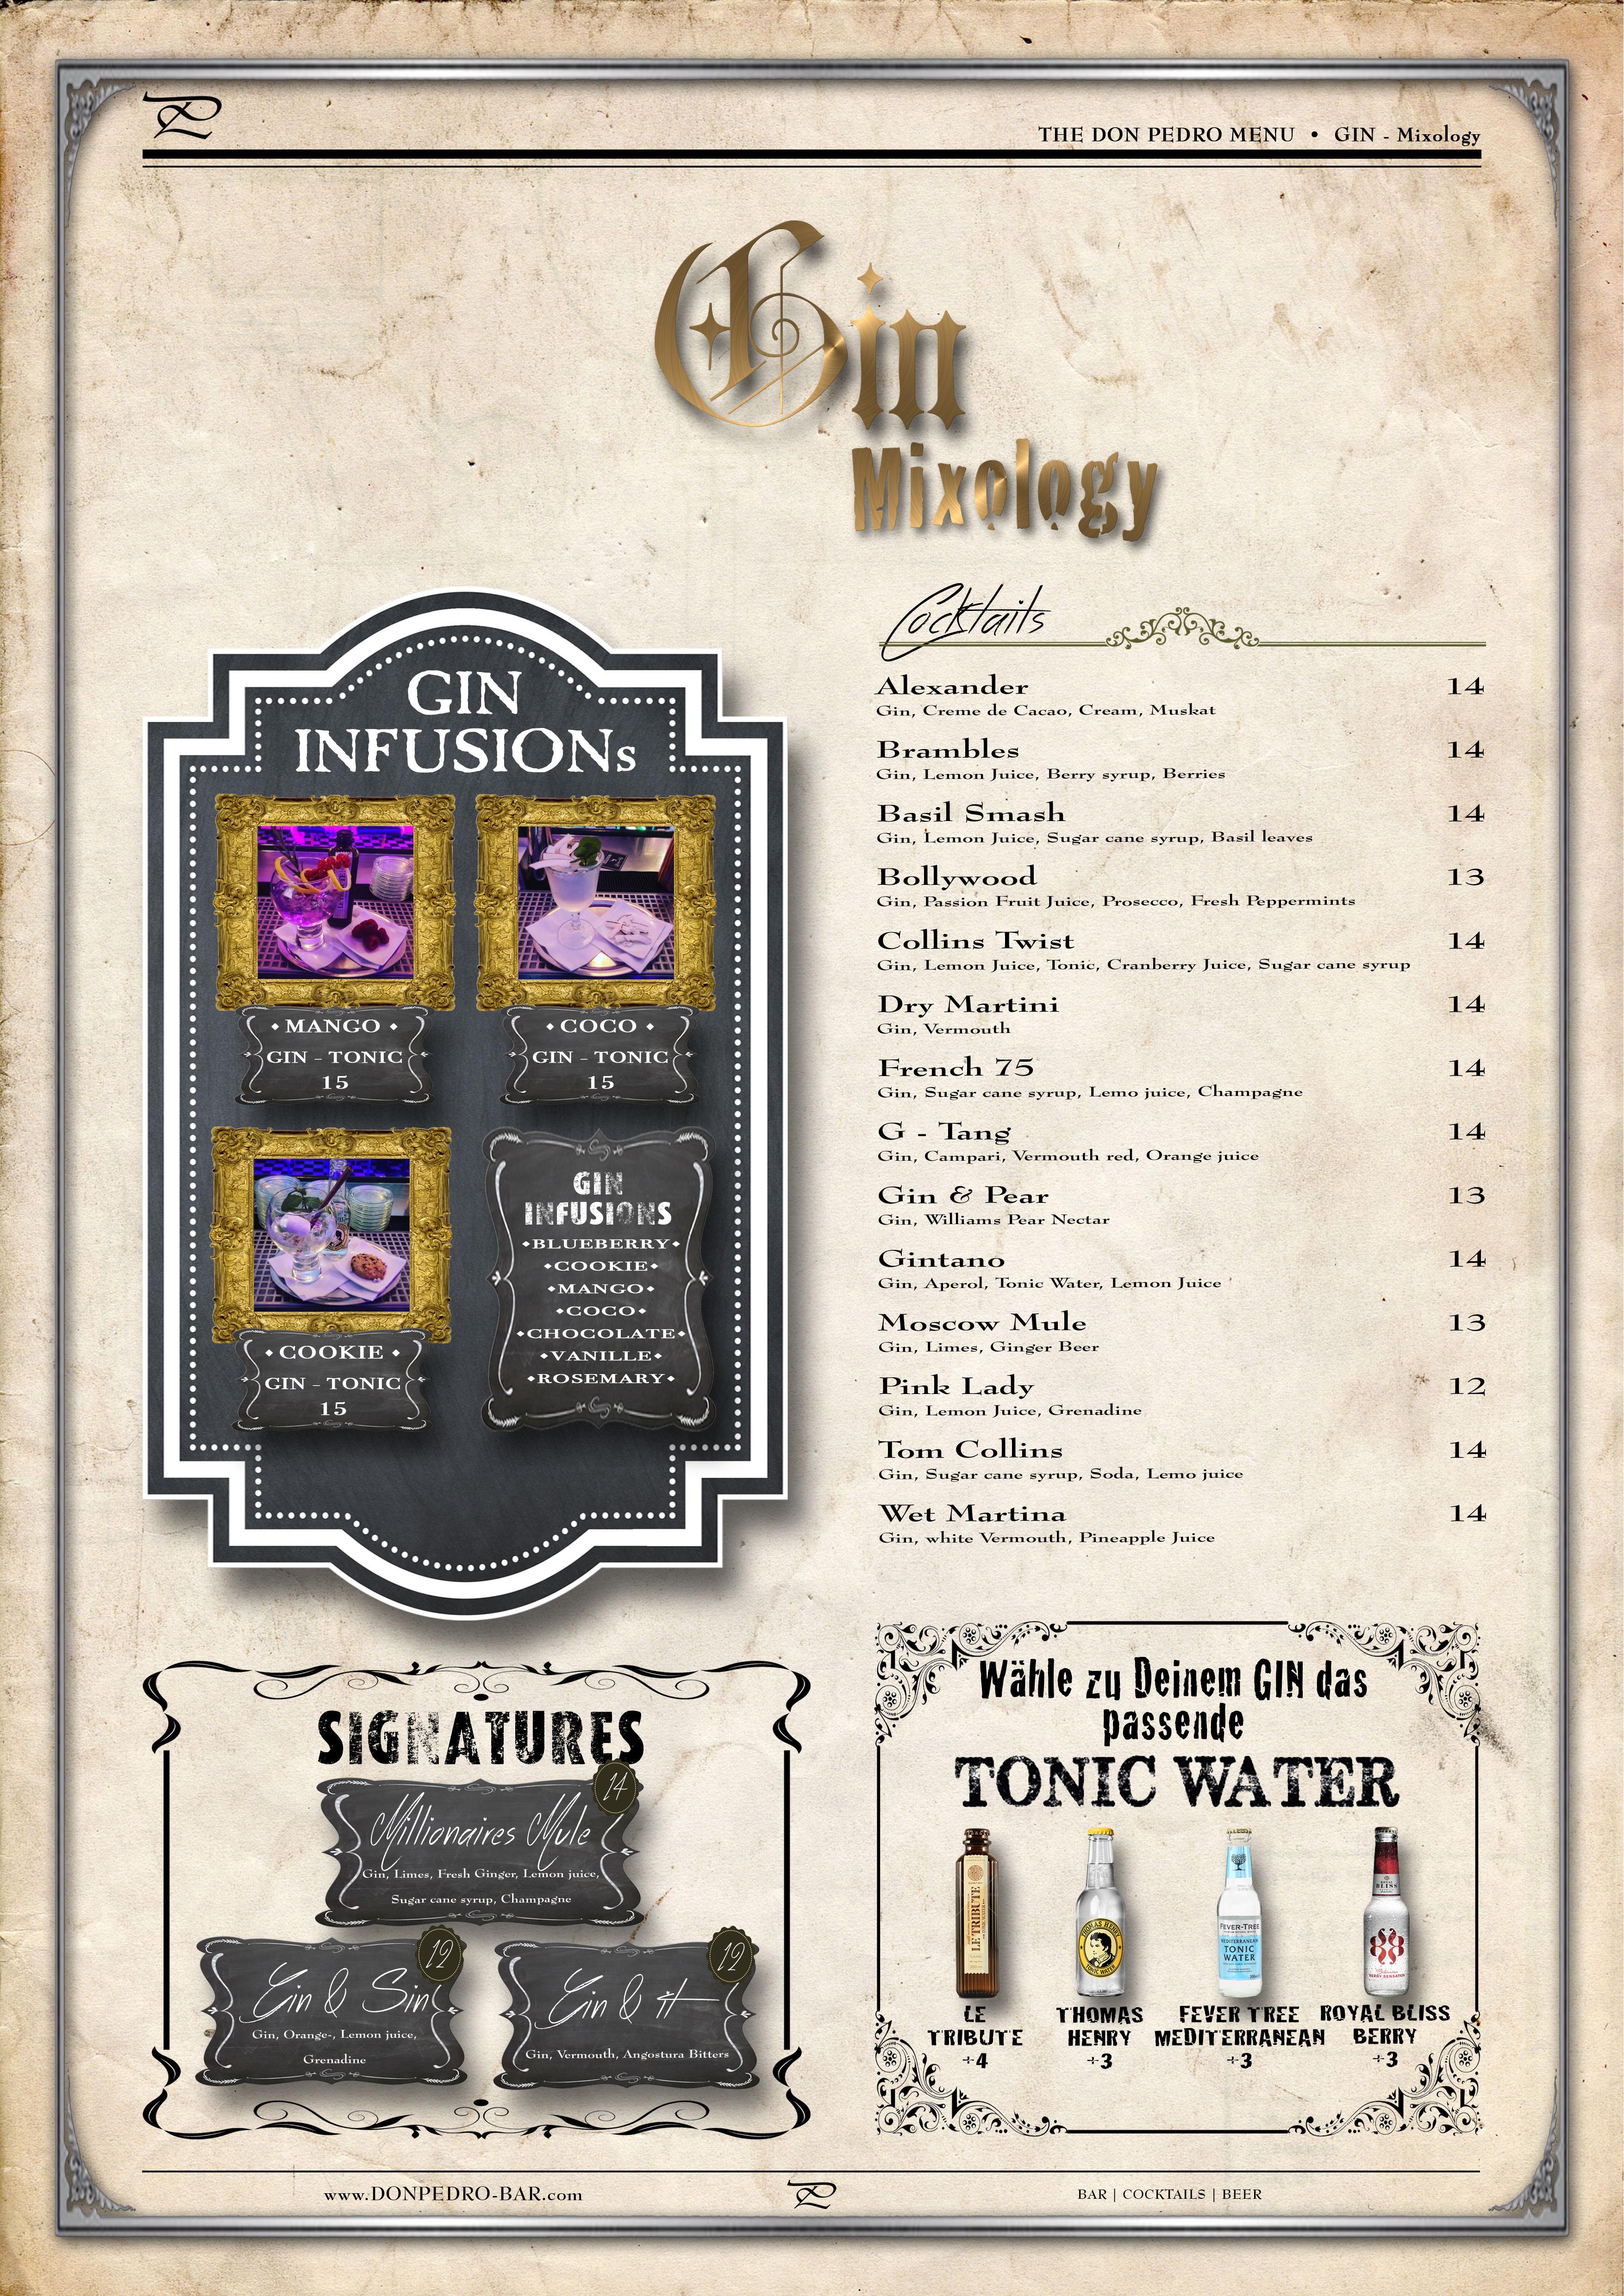 THE DON PEDRO MENU Gin Mixology